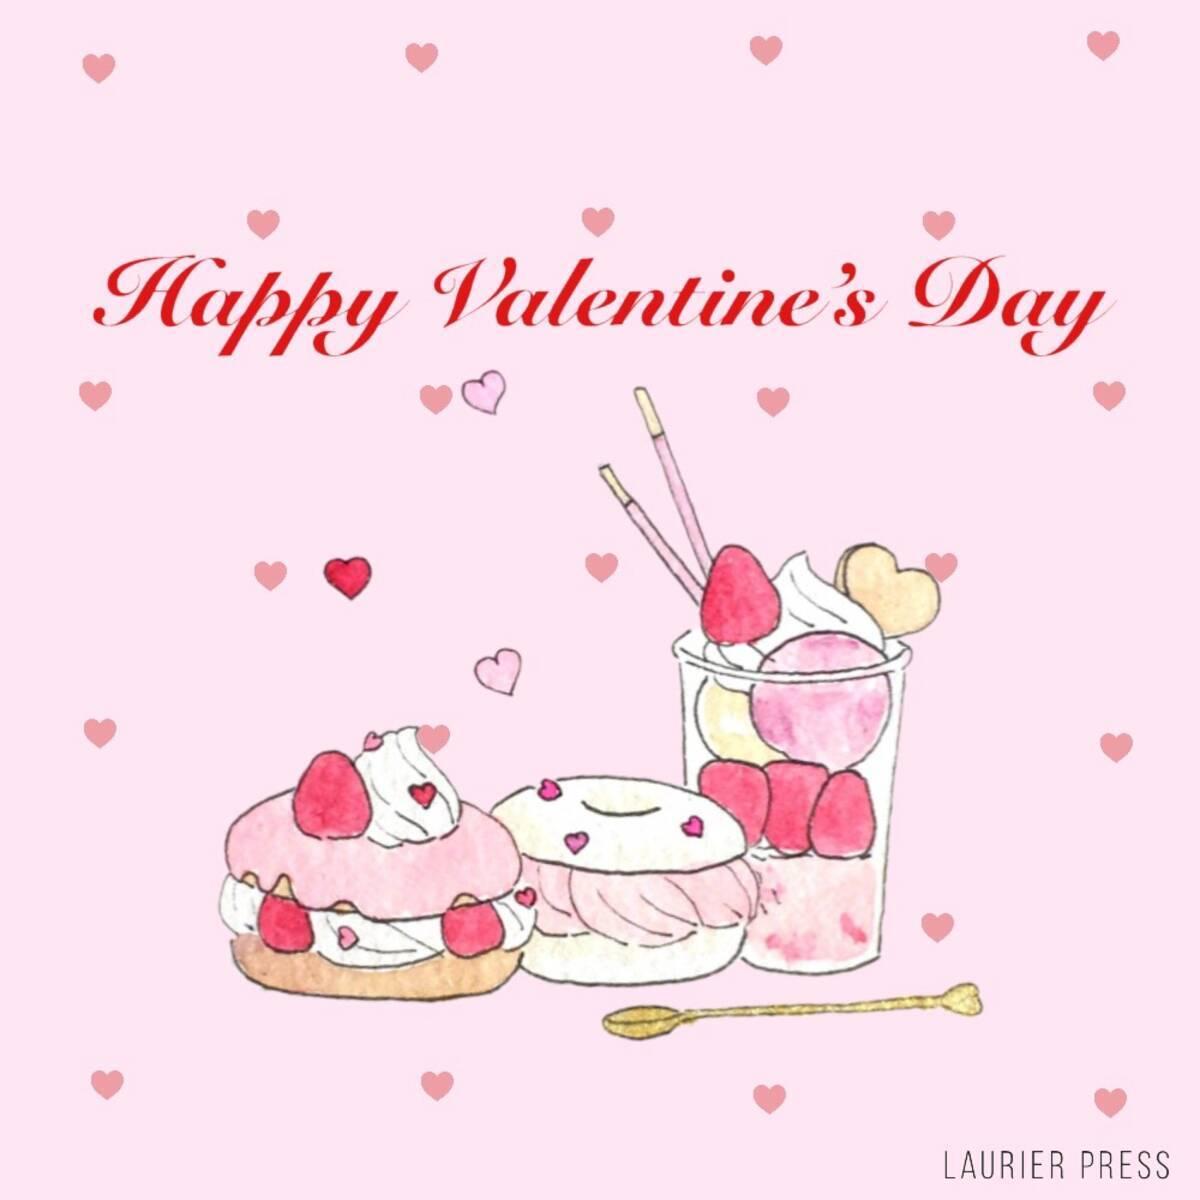 簡単いちごスイーツの作り方 おうちバレンタインにもぴったり イラスト ローリエプレス